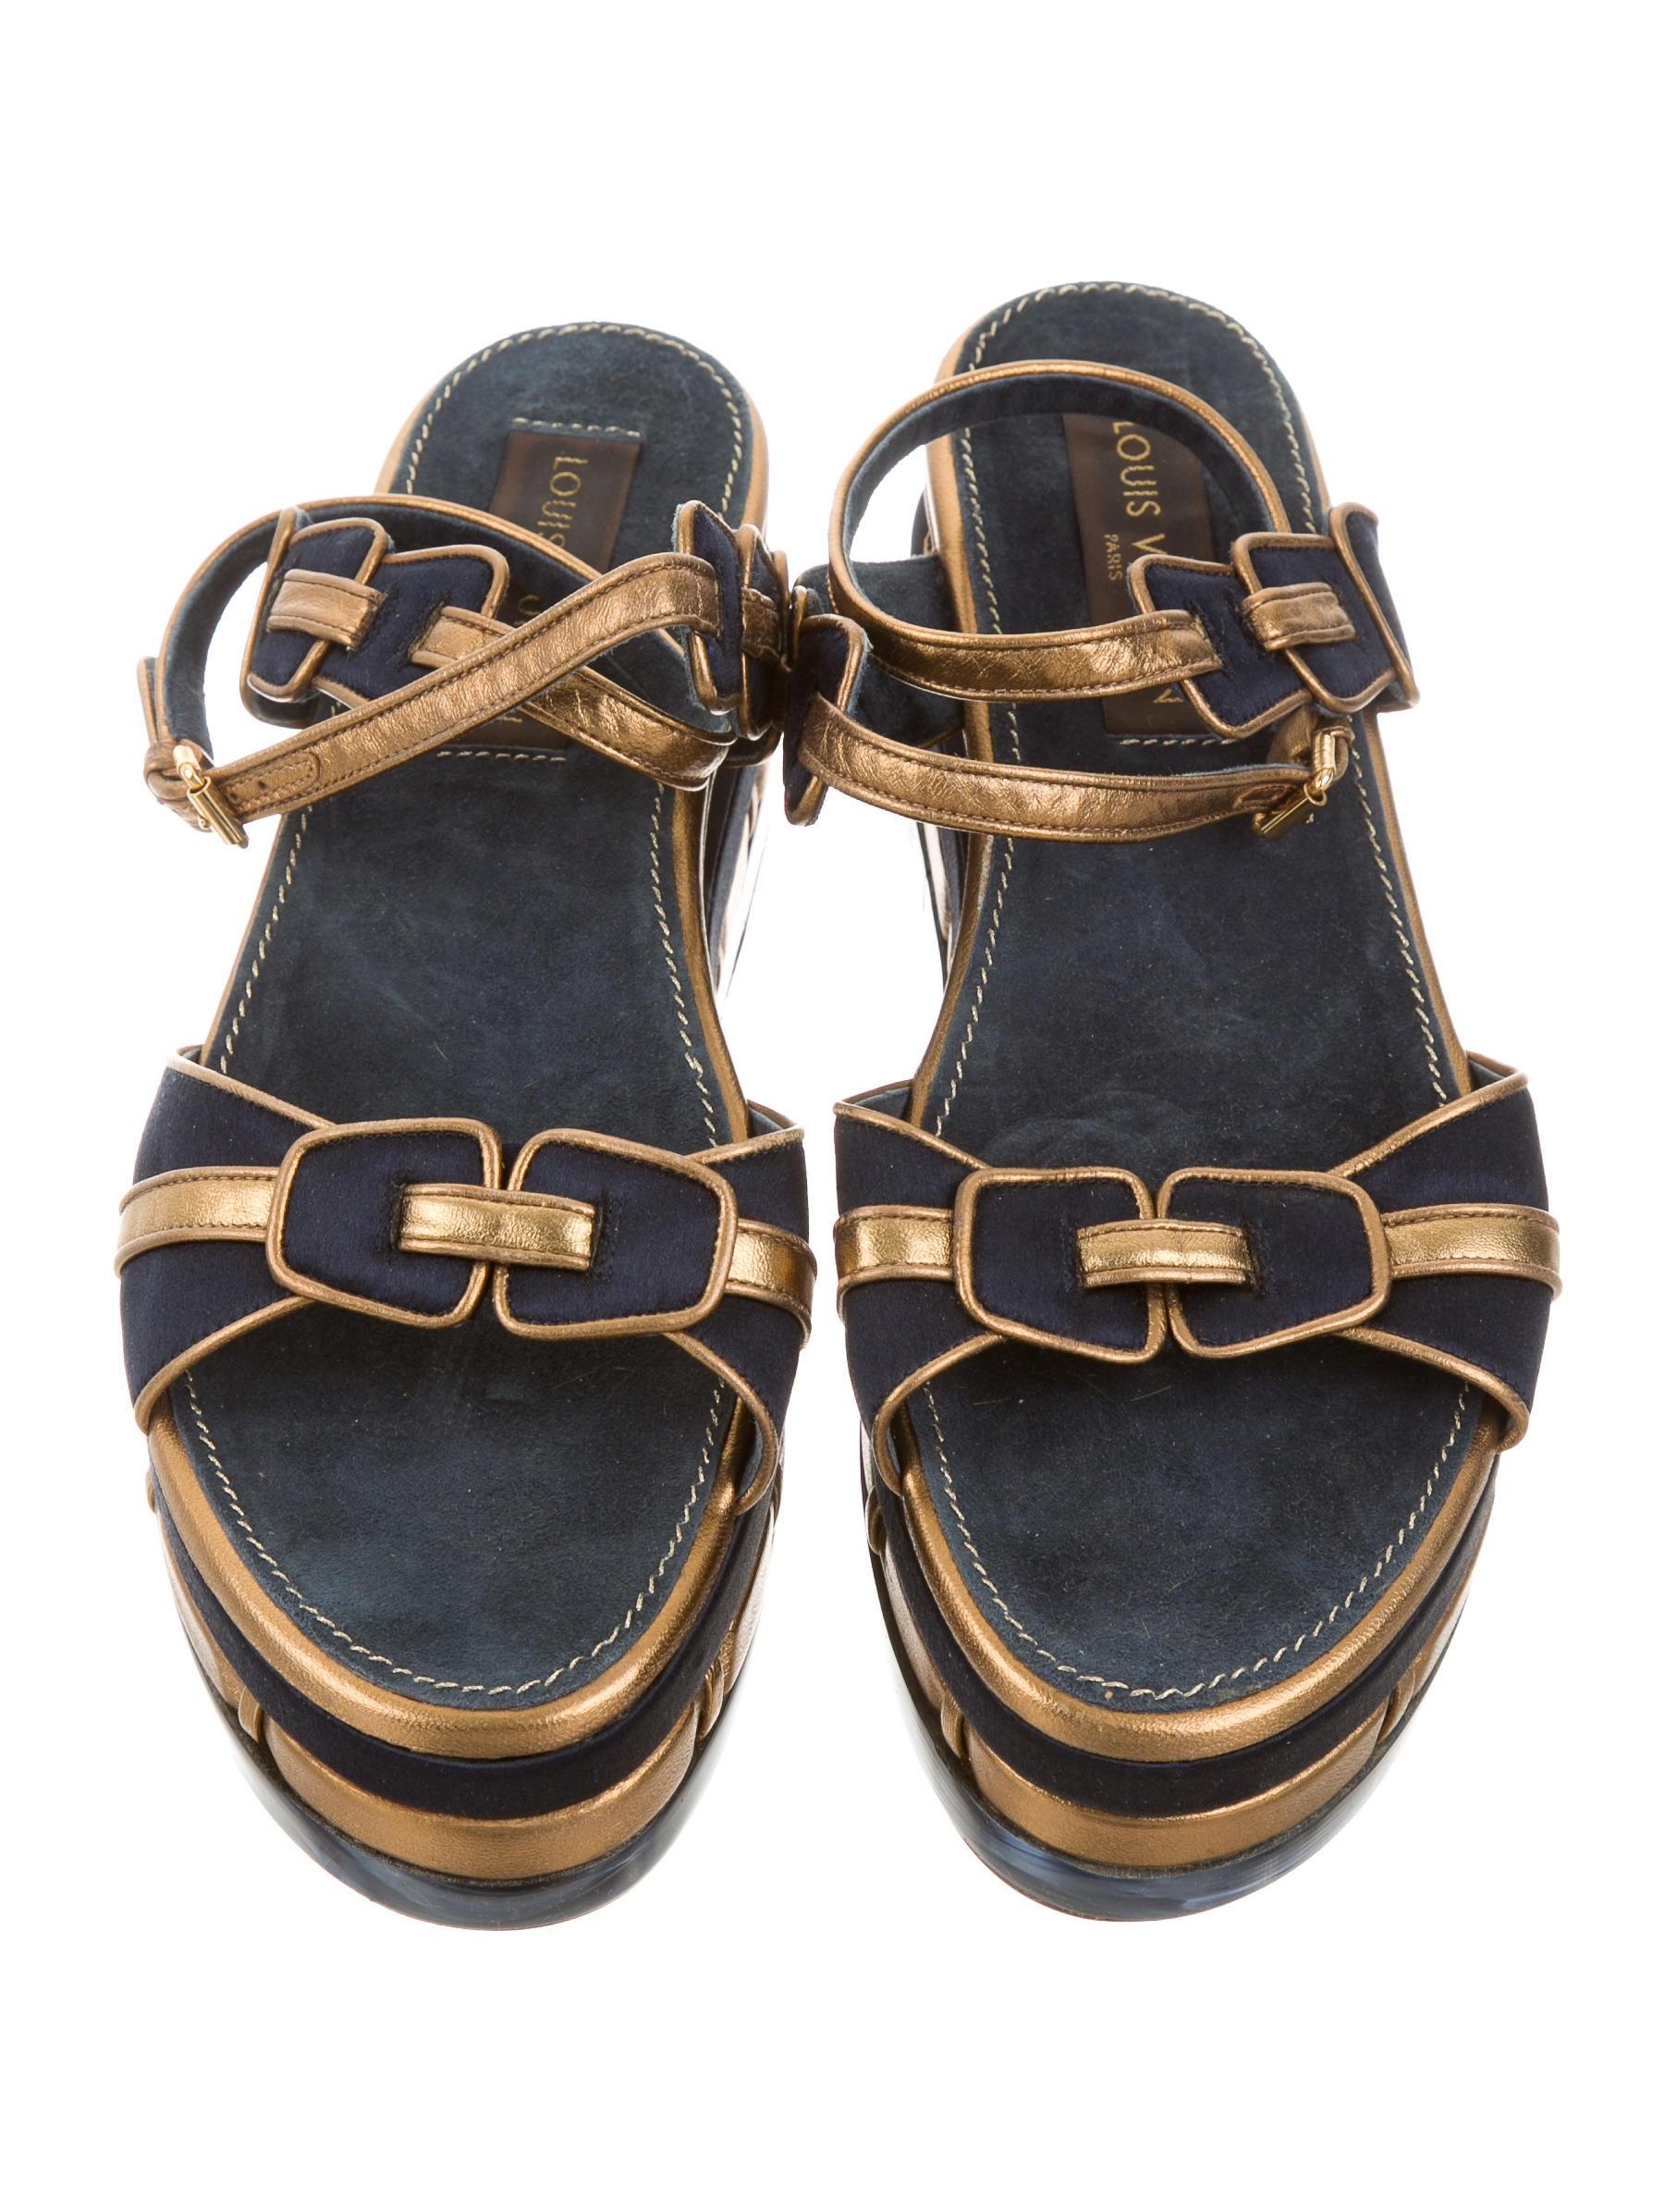 Louis Vuitton Satin Flatform Sandals Shoes Lou94895